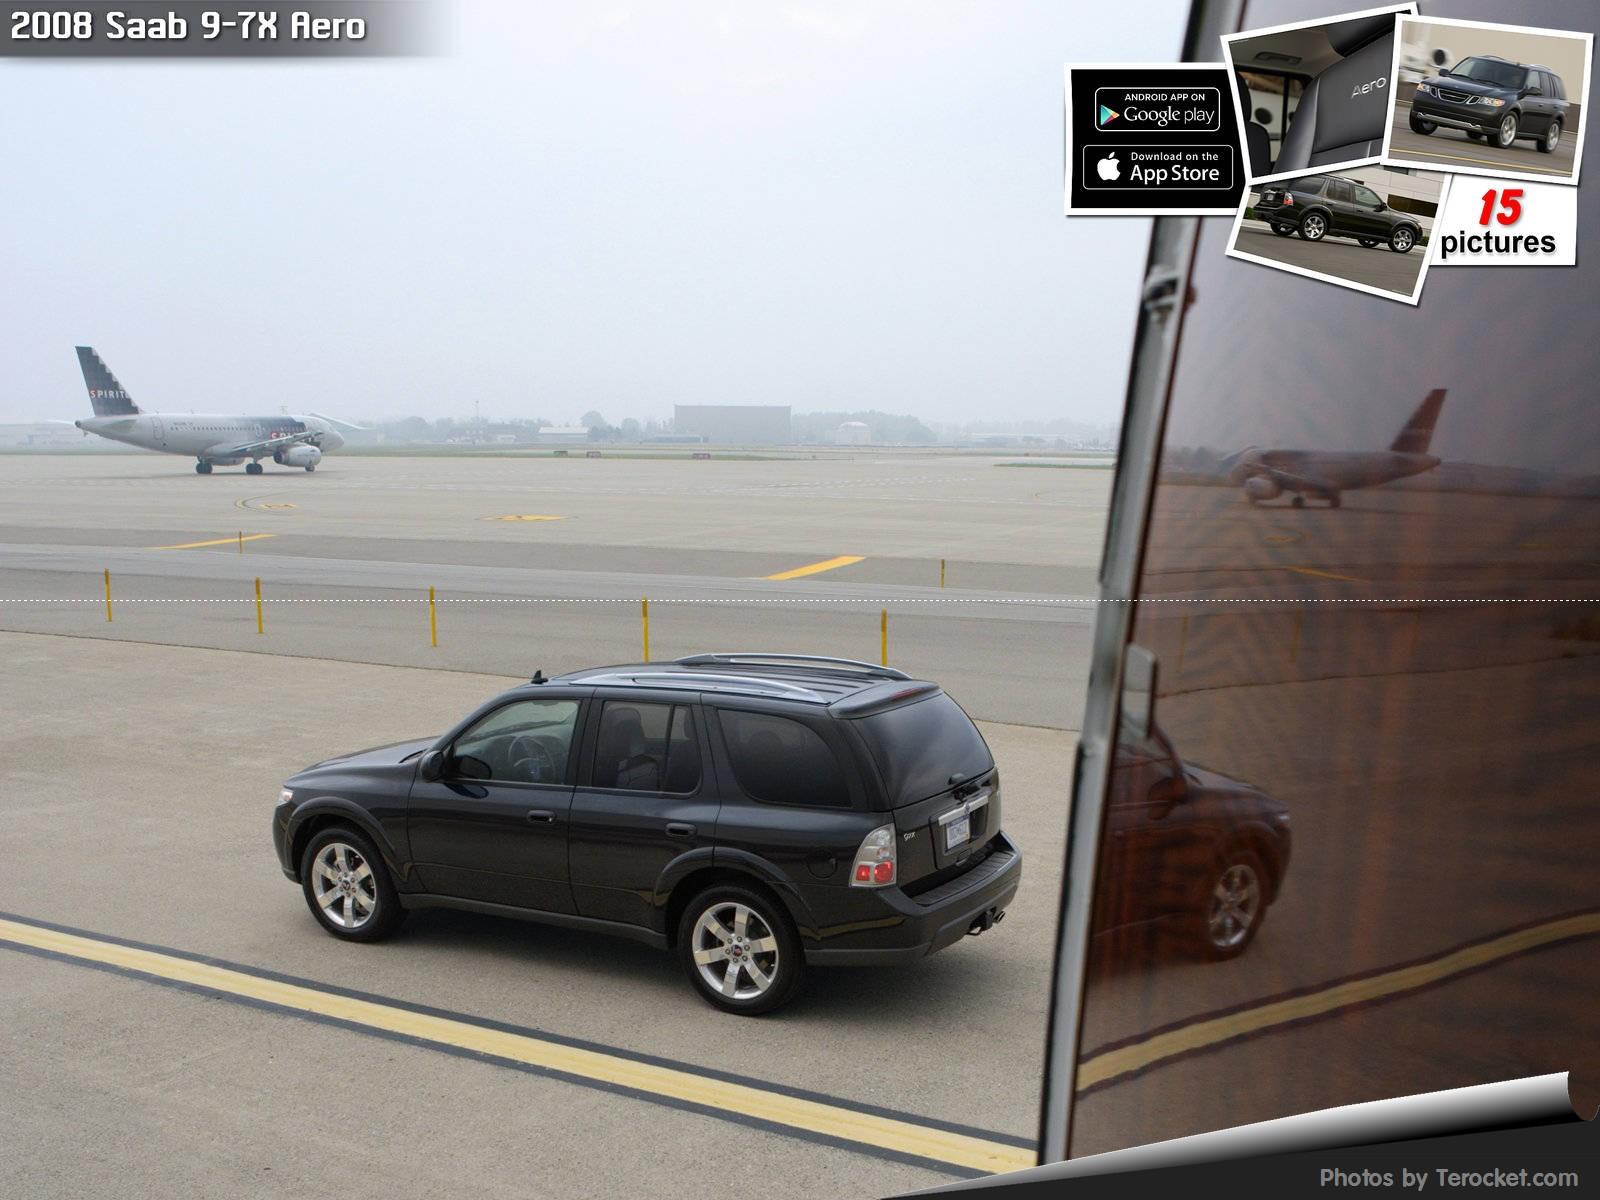 Hình ảnh xe ô tô Saab 9-7X Aero 2008 & nội ngoại thất